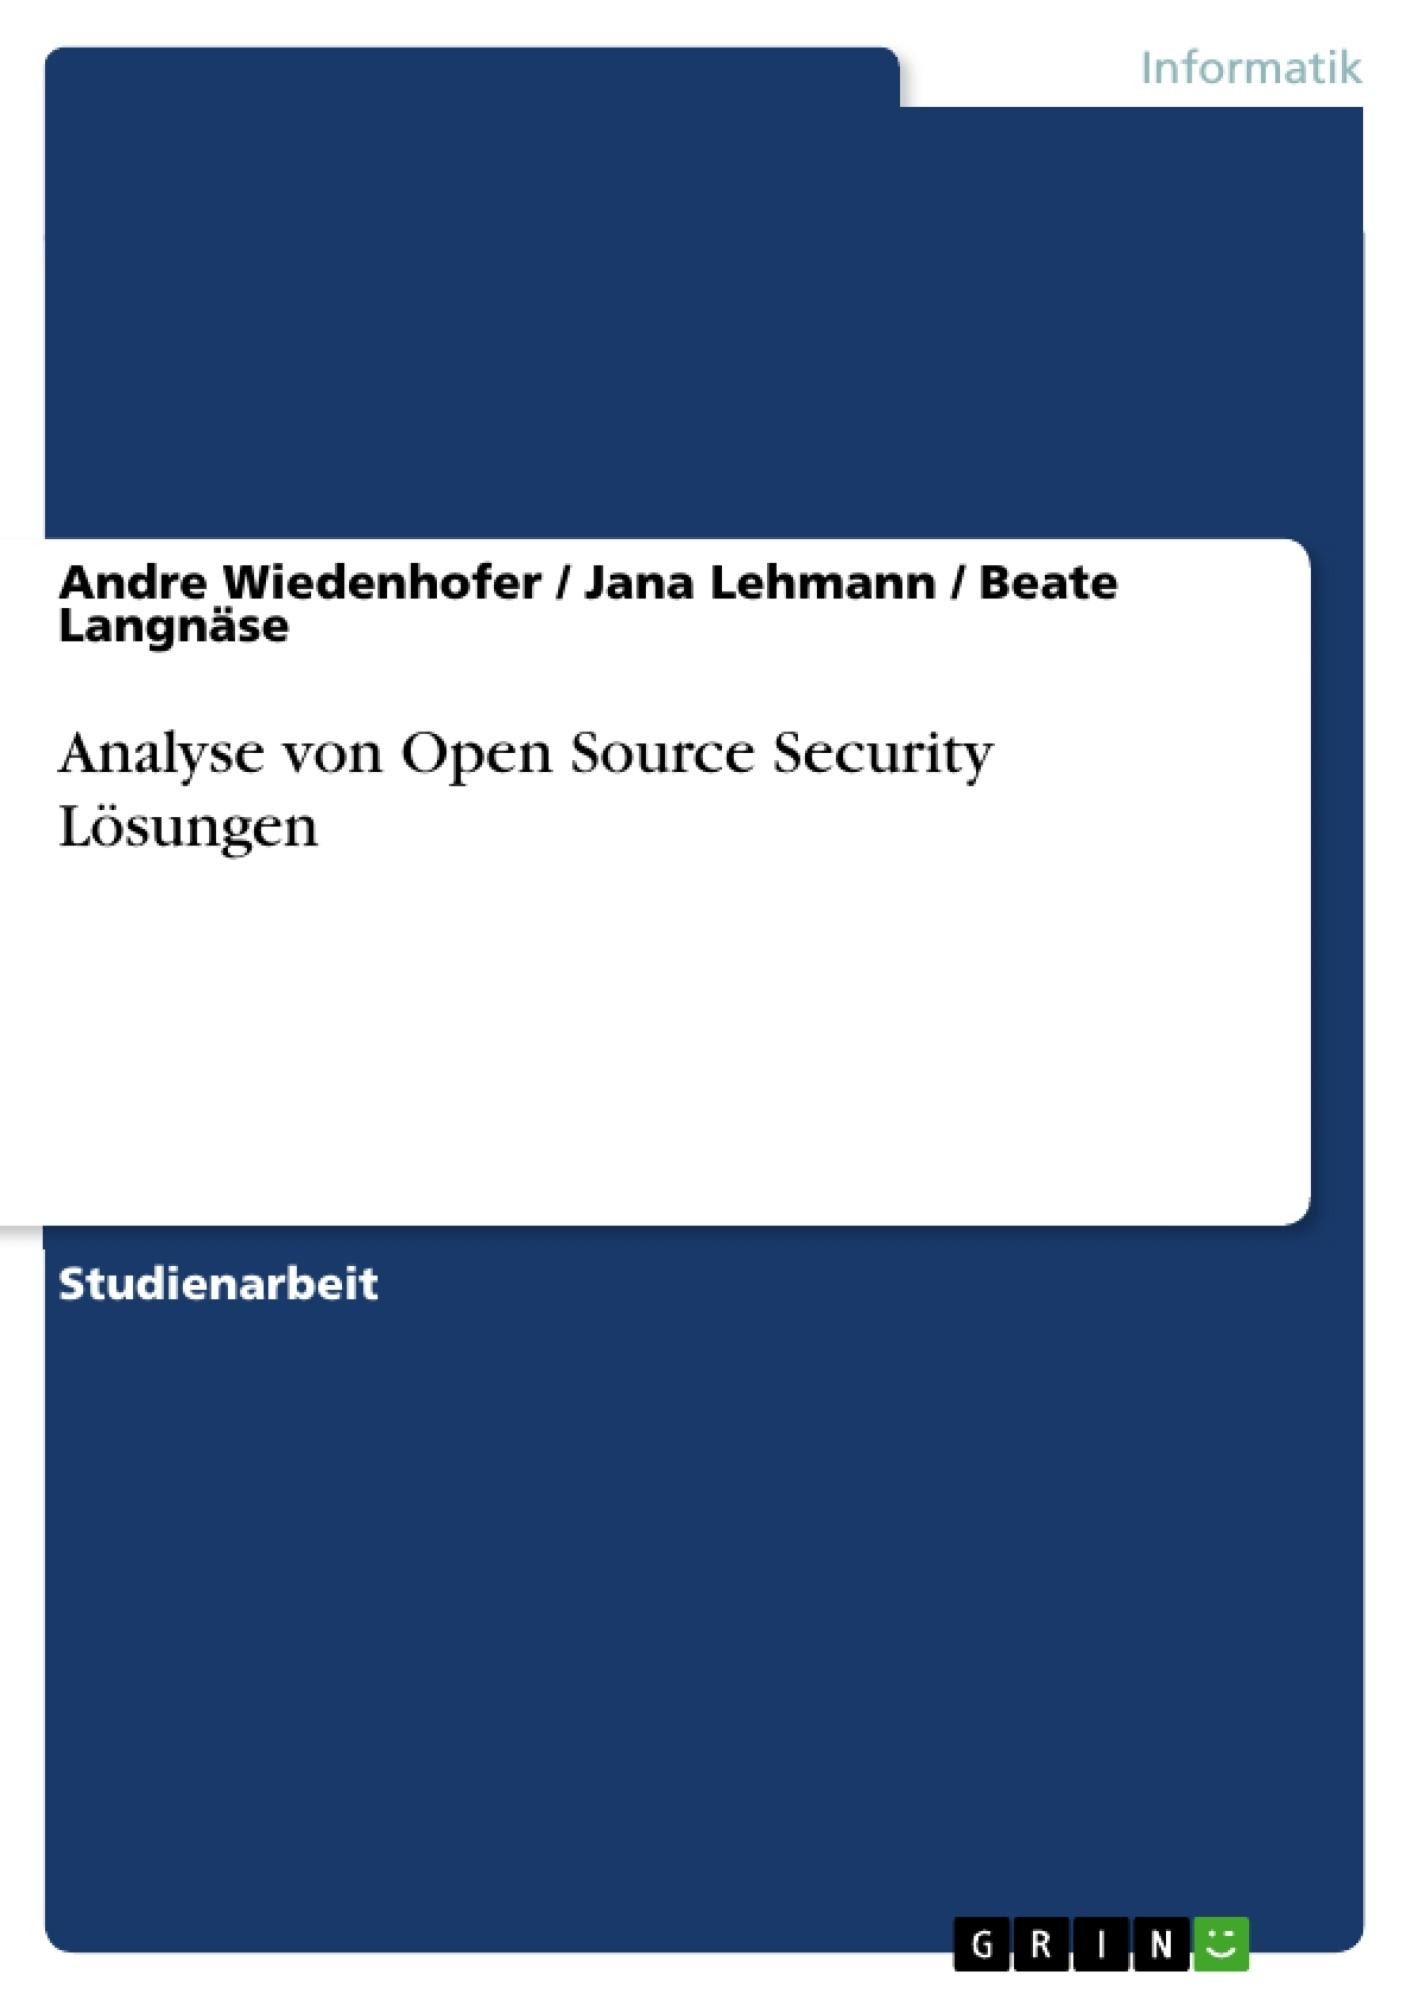 Titel: Analyse von Open Source Security Lösungen